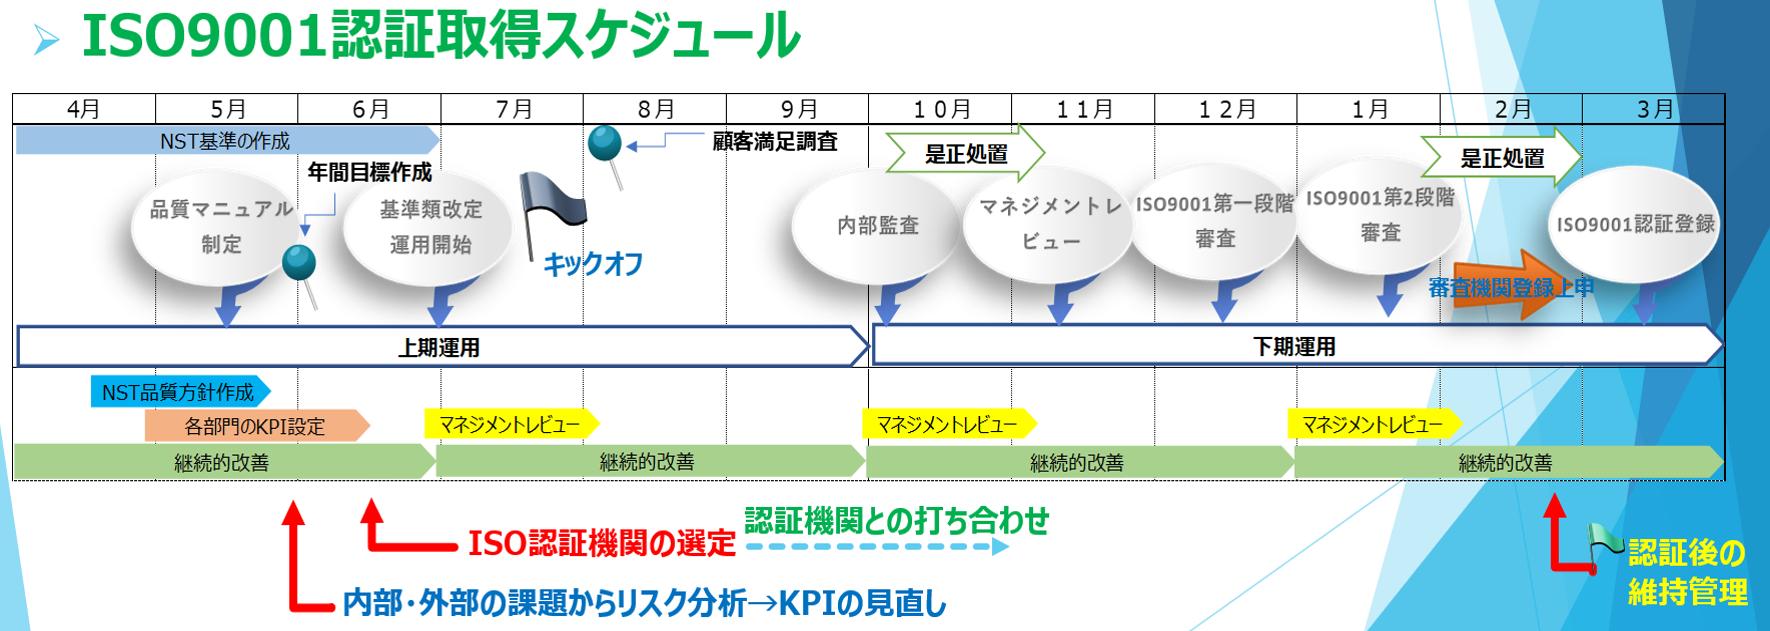 ISO9001認証取得スケジュール